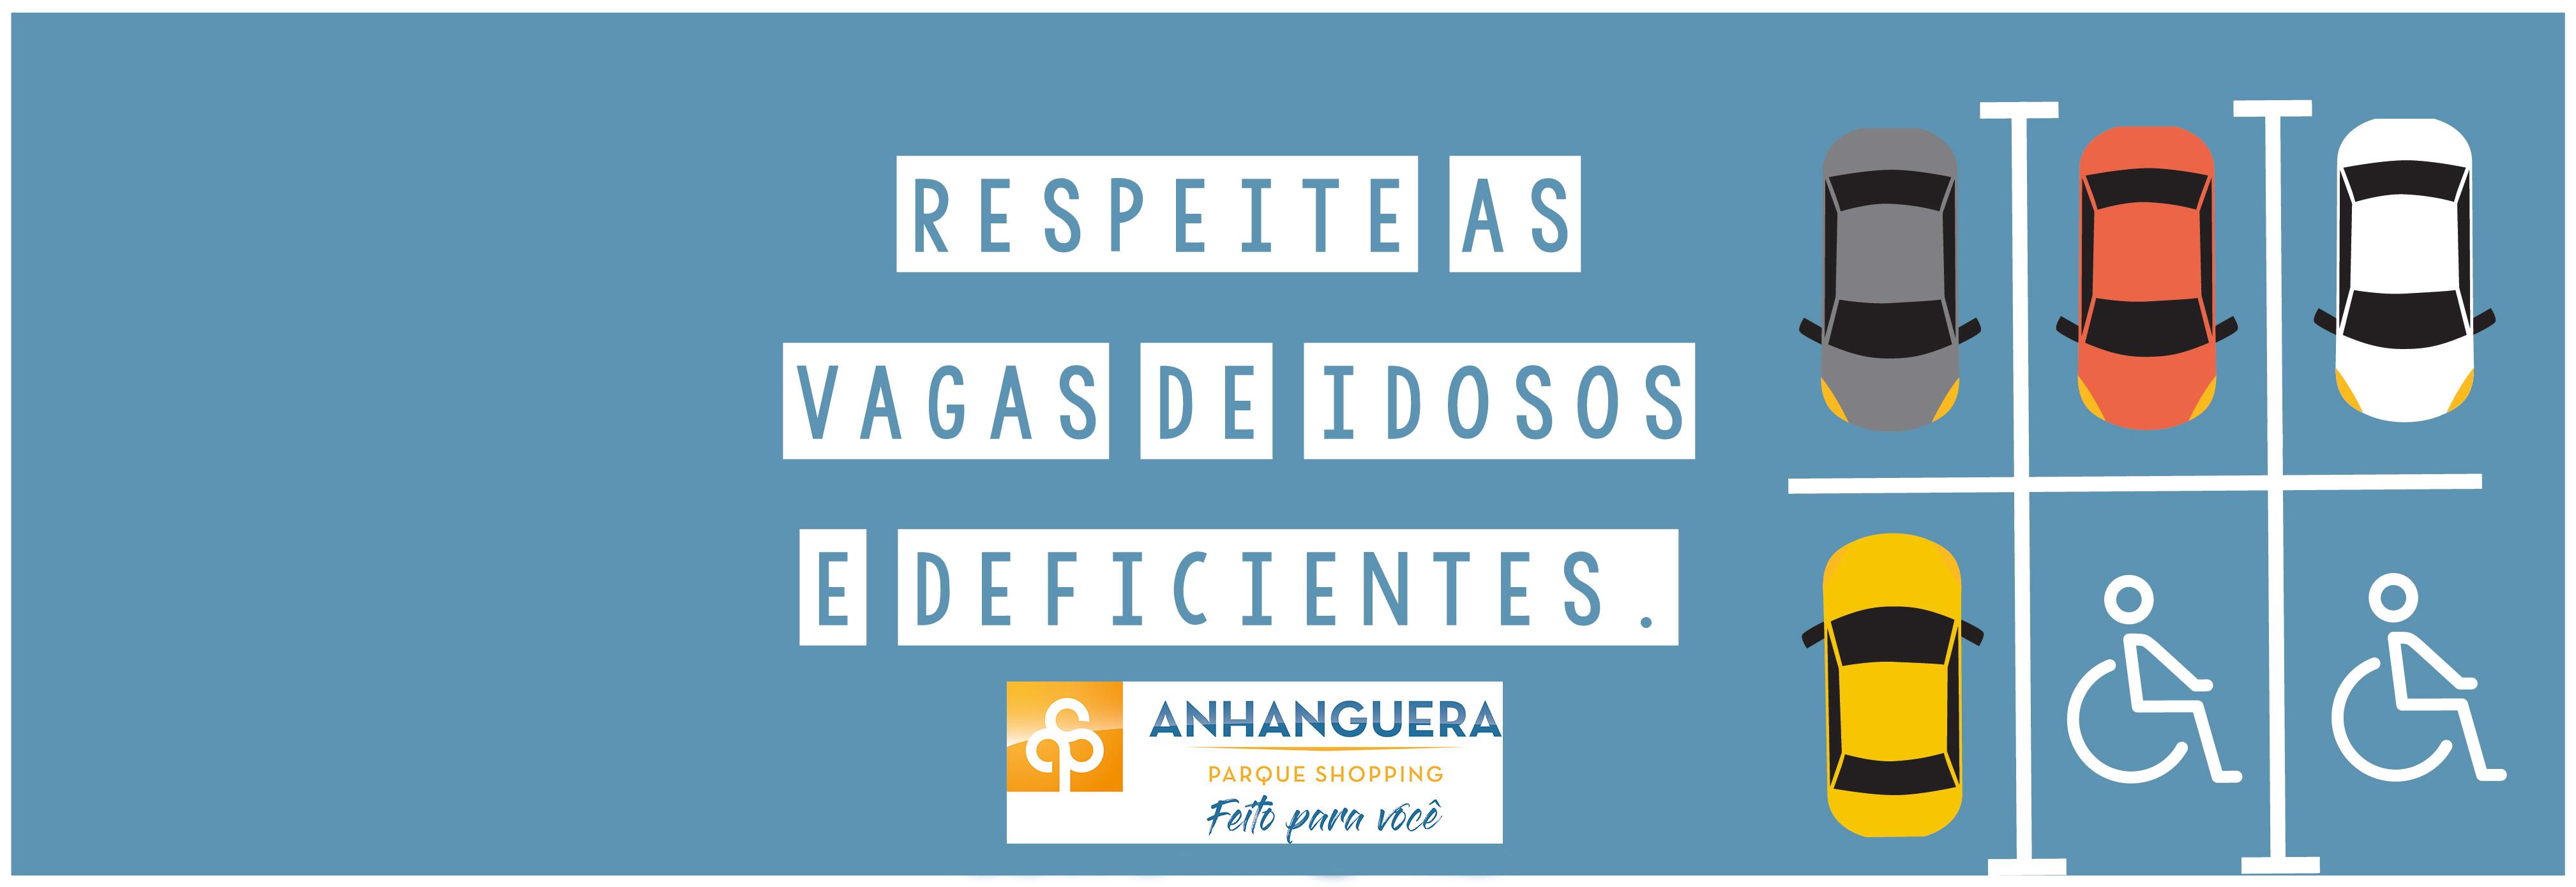 VAGAS DE IDOSOS E DEFICIENTES.